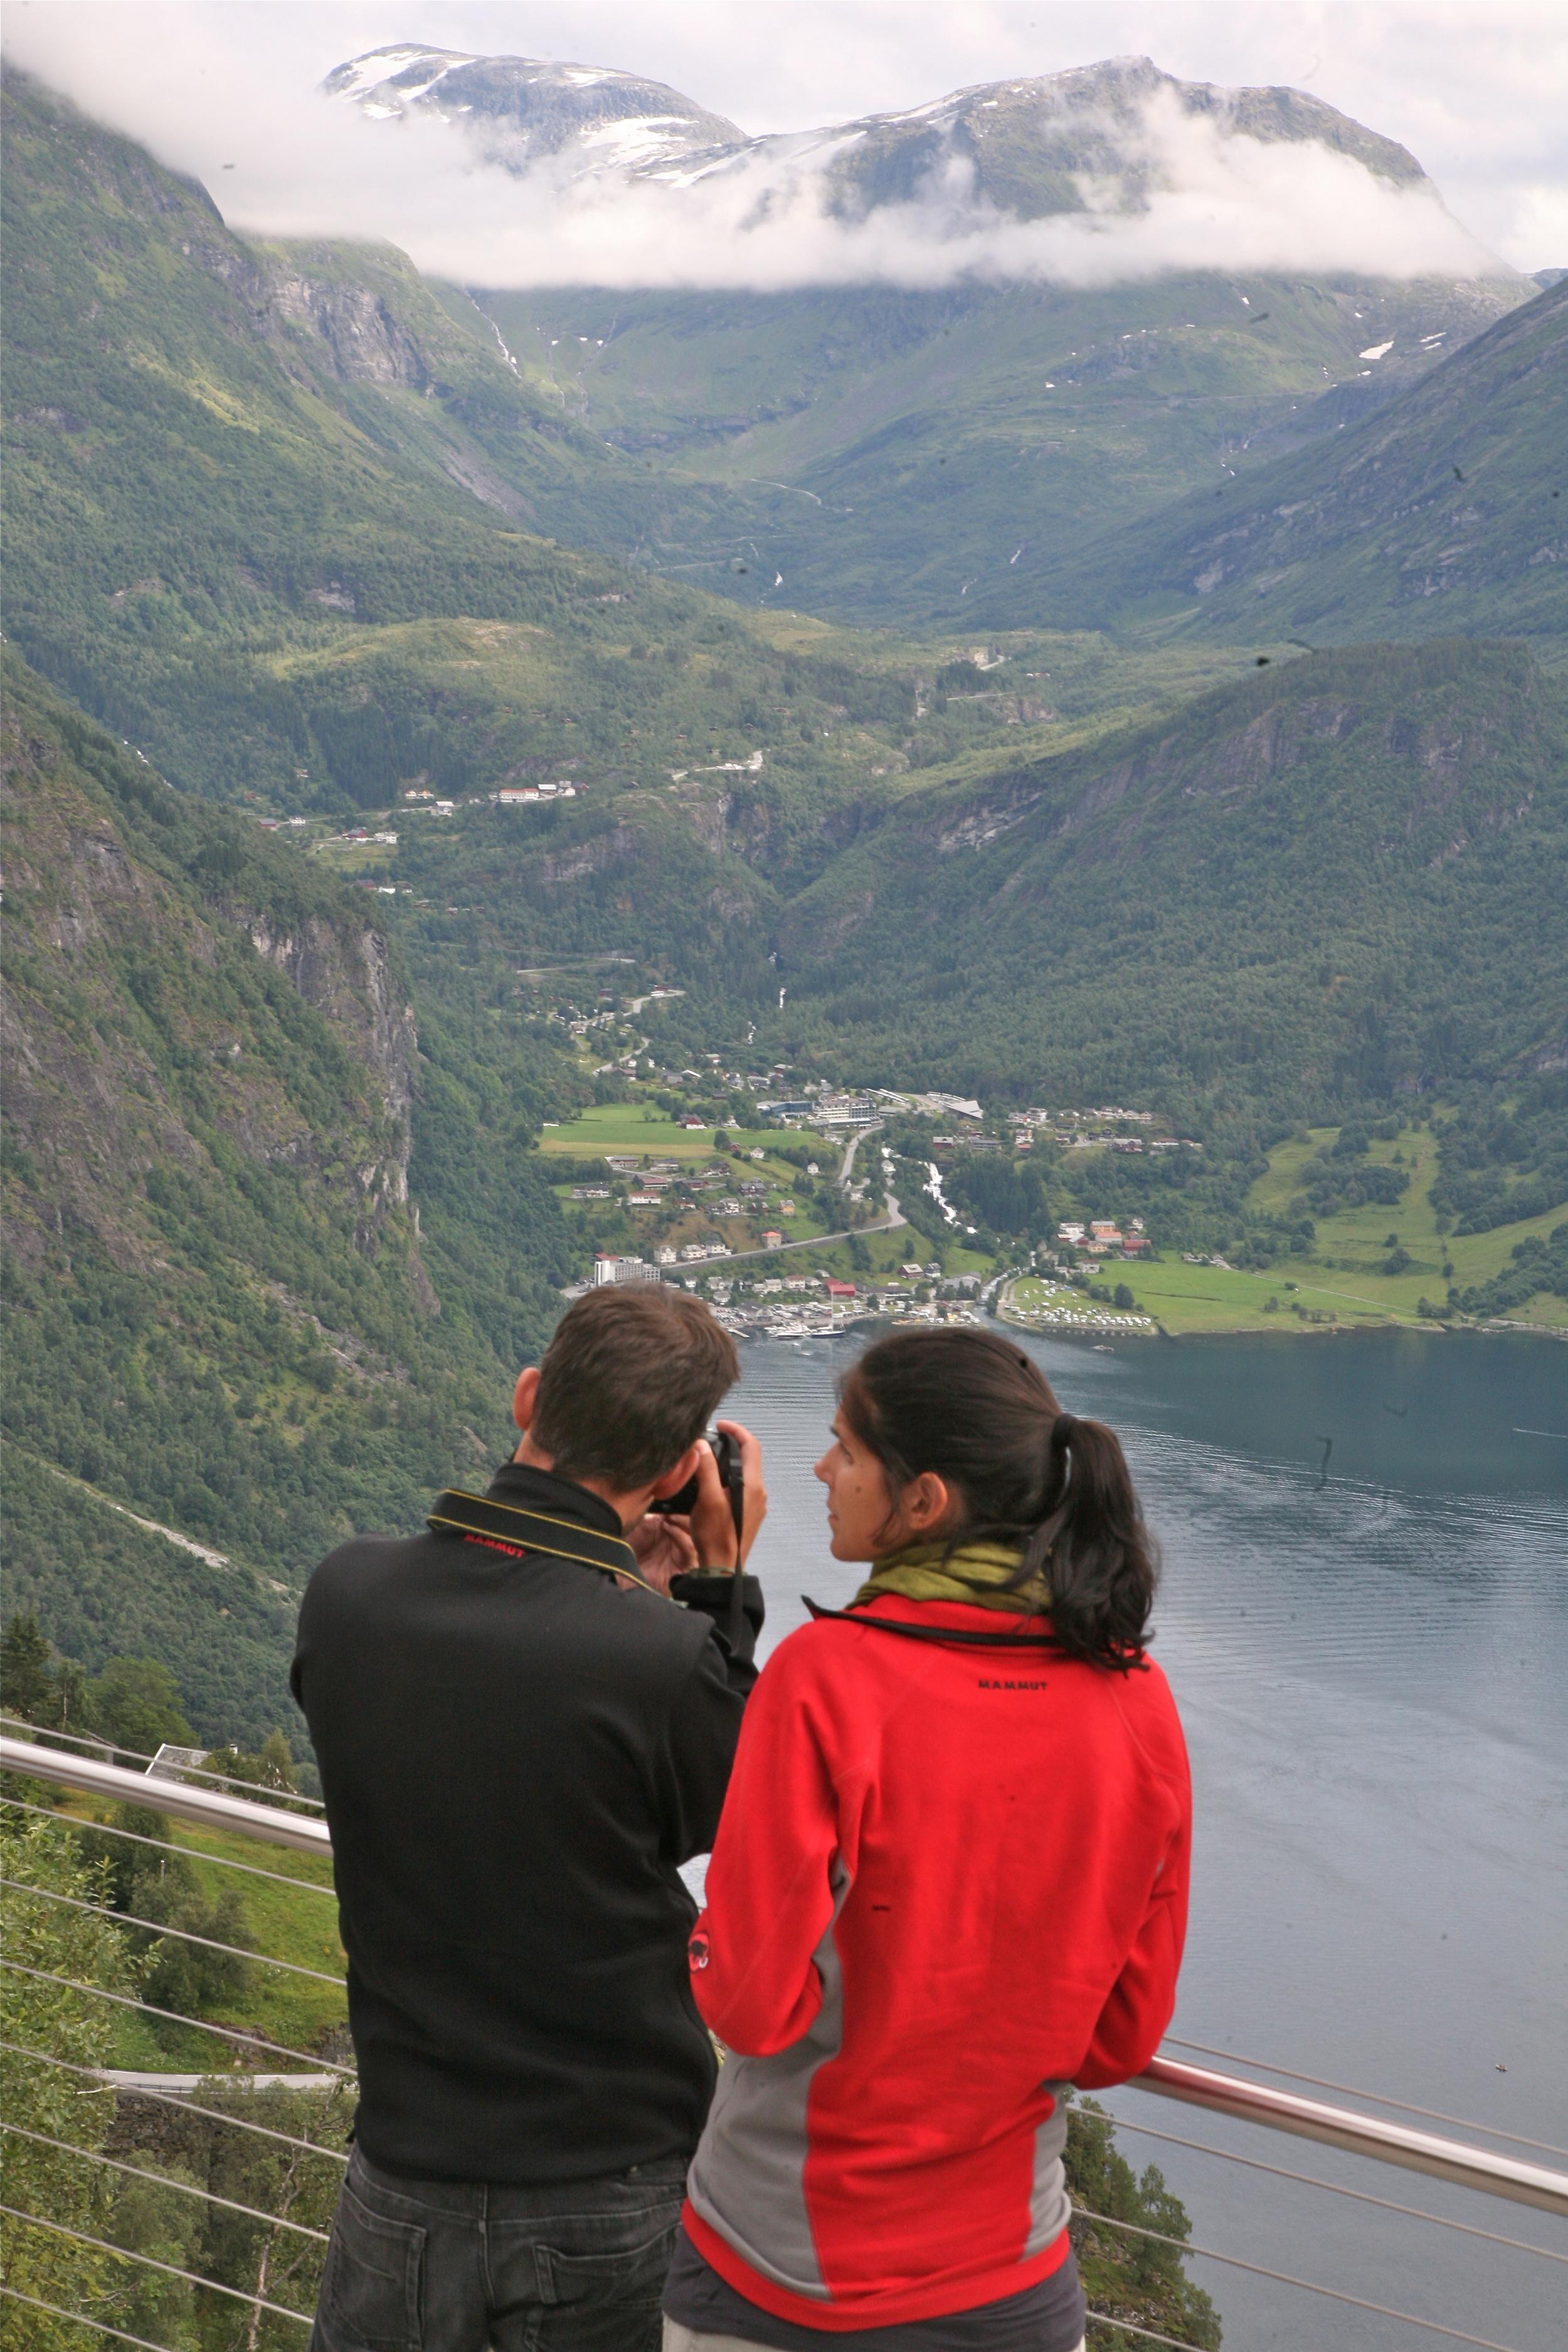 Vakker utsikt i Geiranger. Bilde: Odd Roar Lange